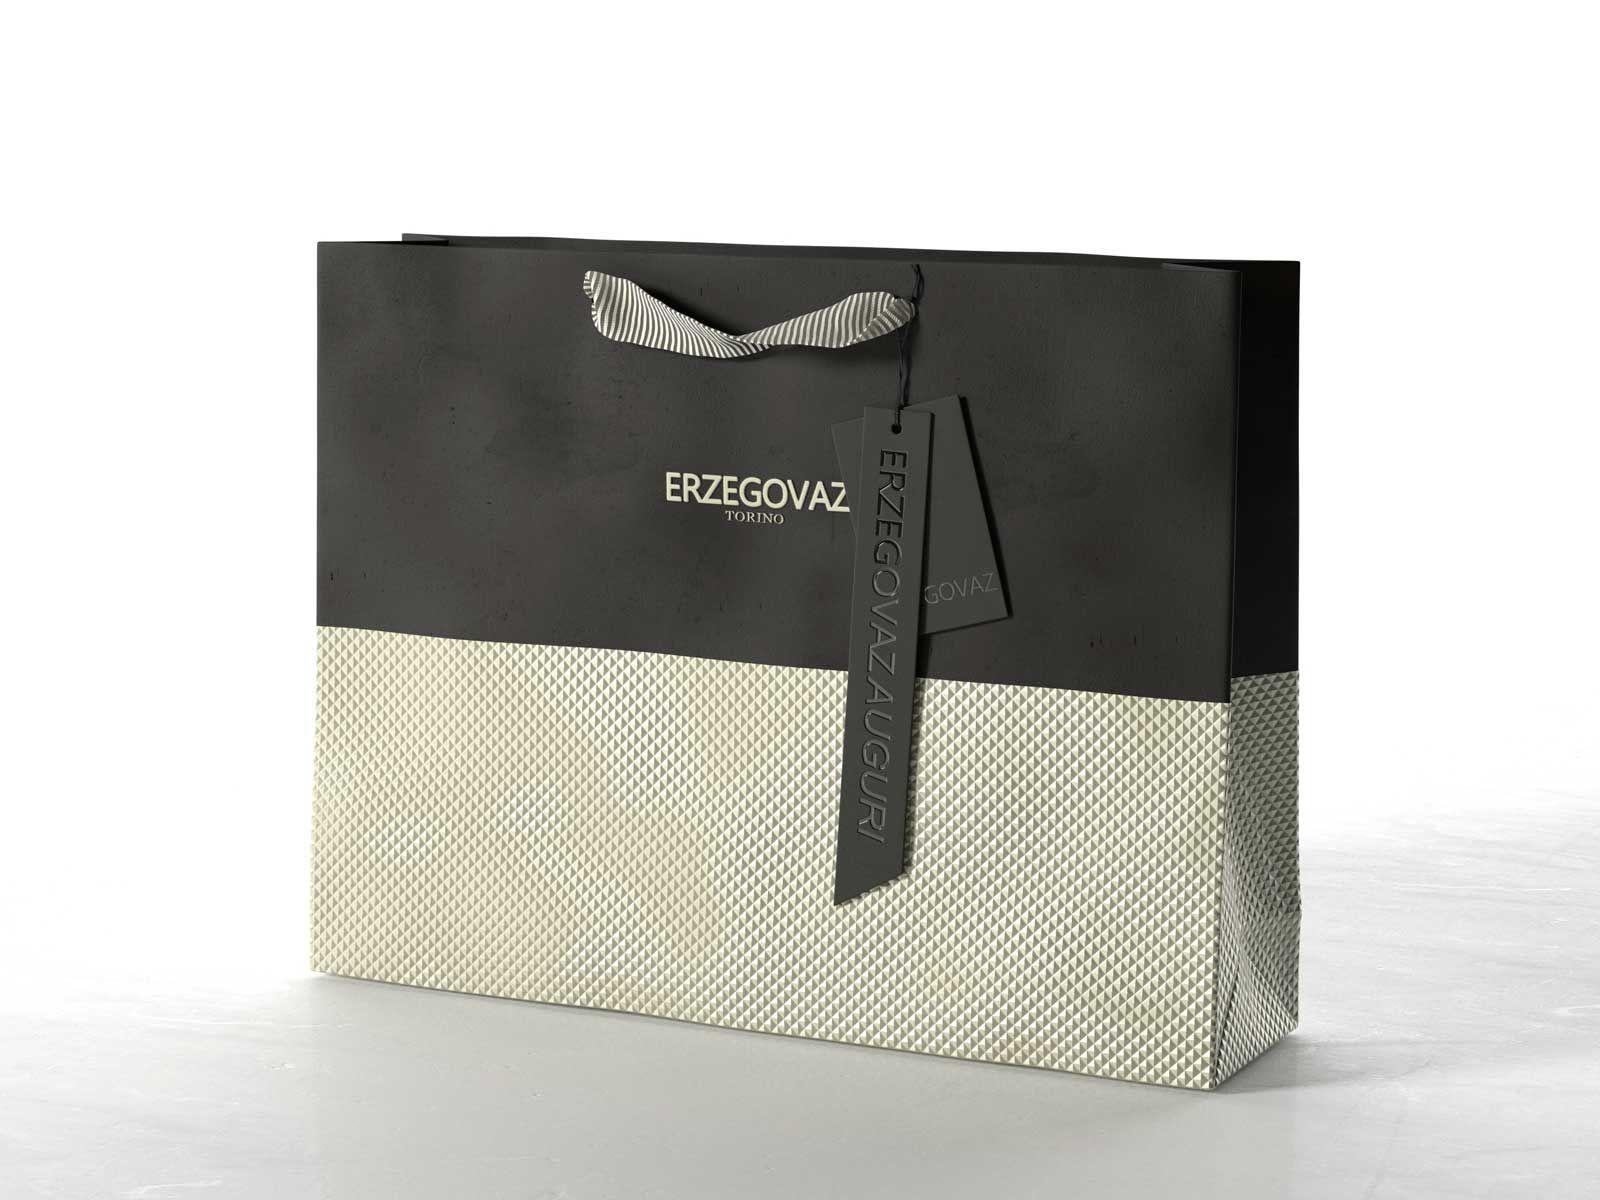 Túi giấy cao cấp - An toàn và thân thiện